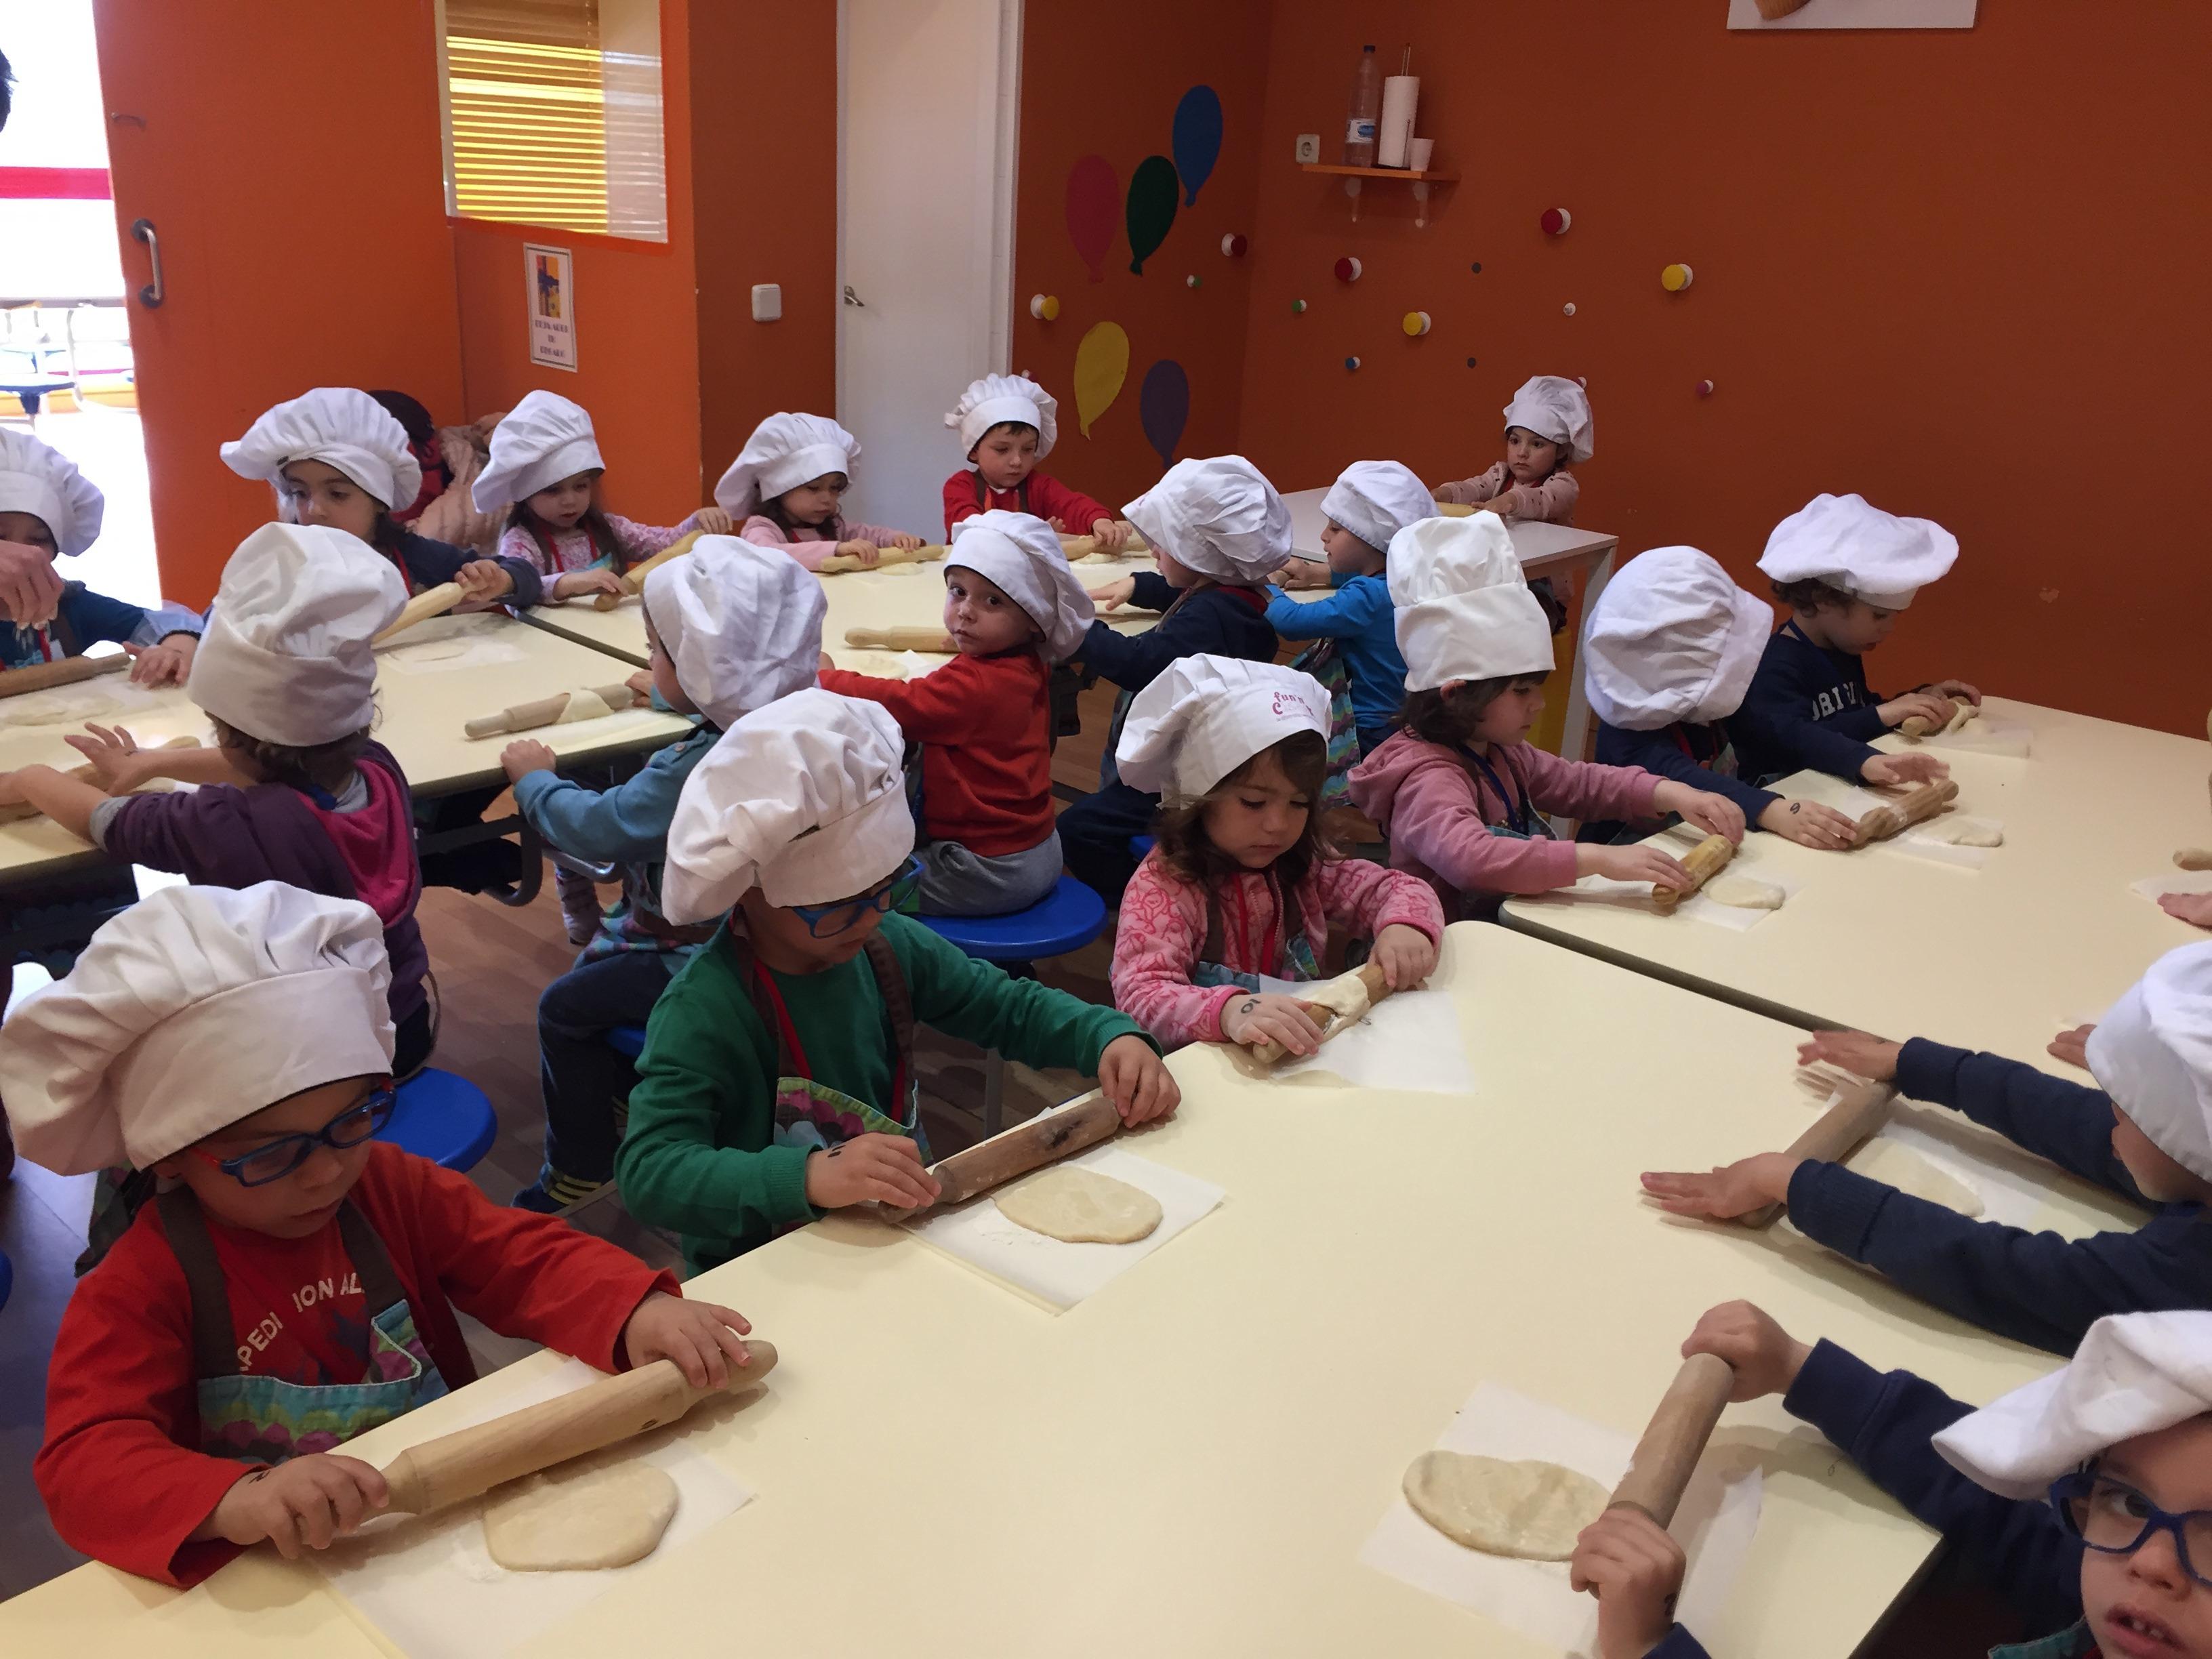 Excursión Escuela de cocina 1